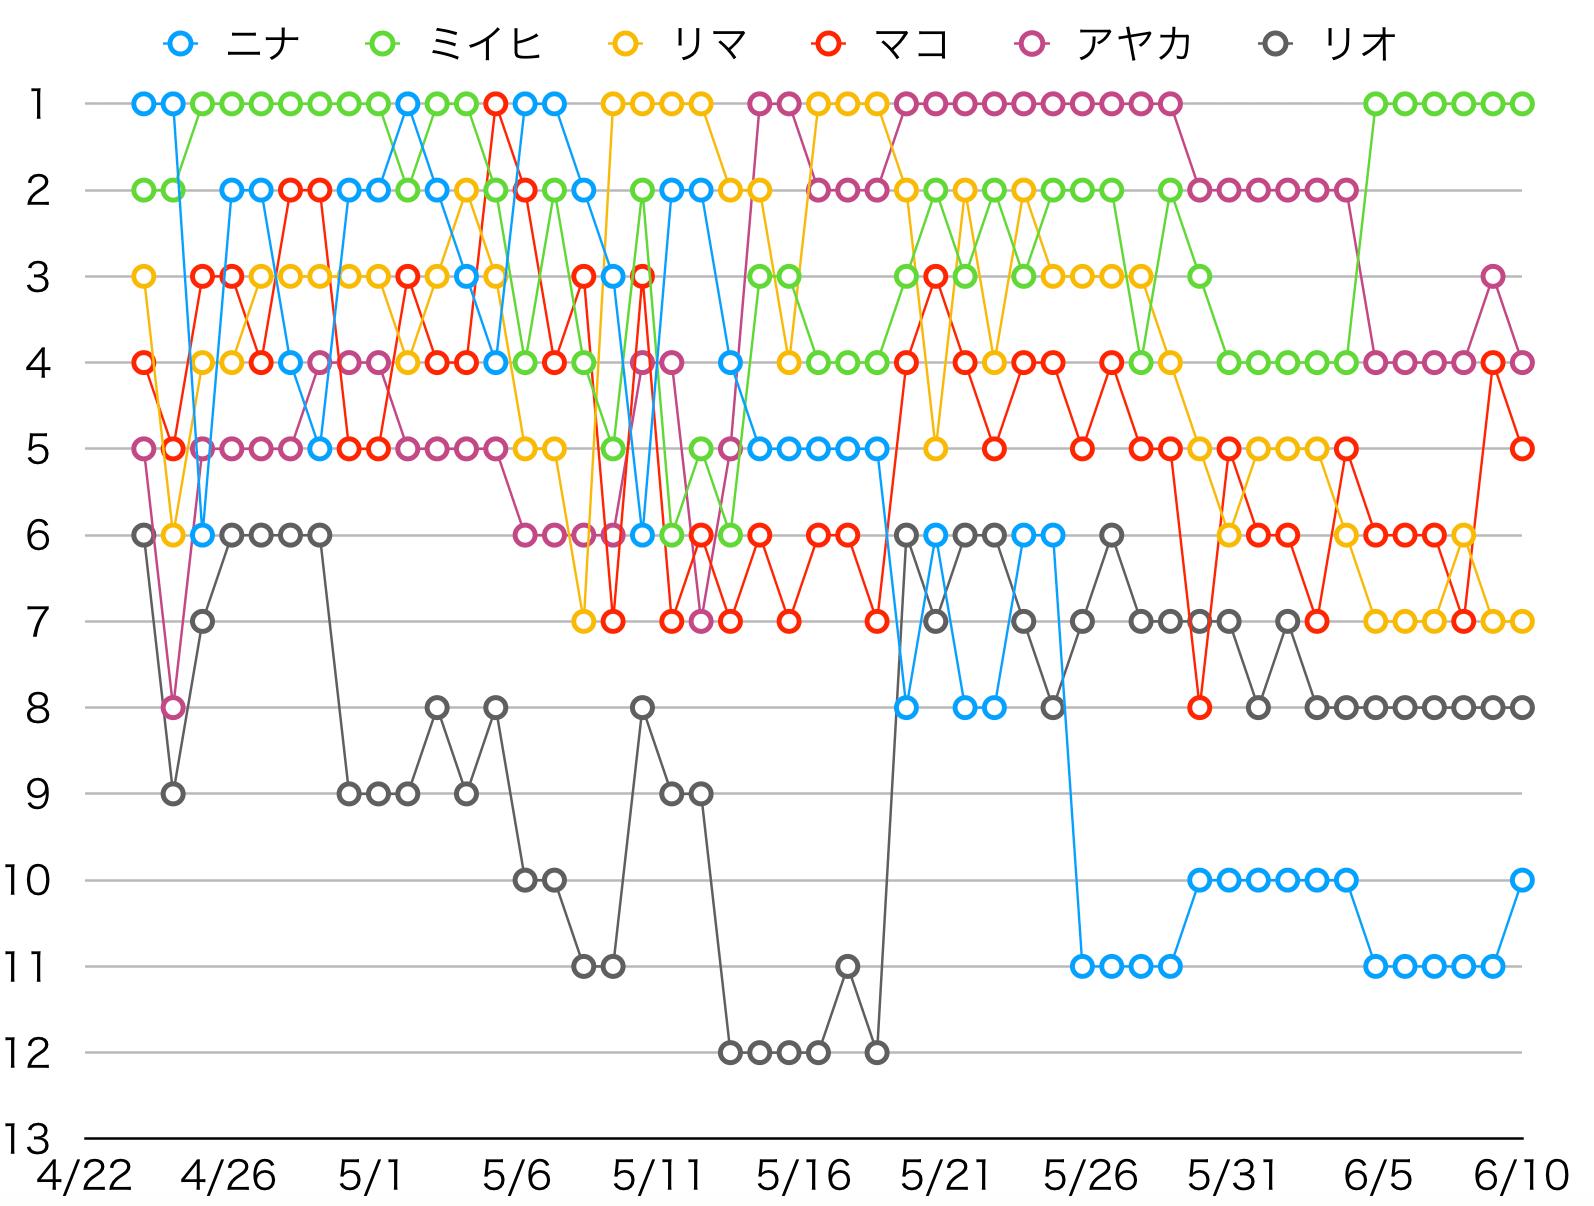 合宿 韓国 順位 プロジェクト 虹